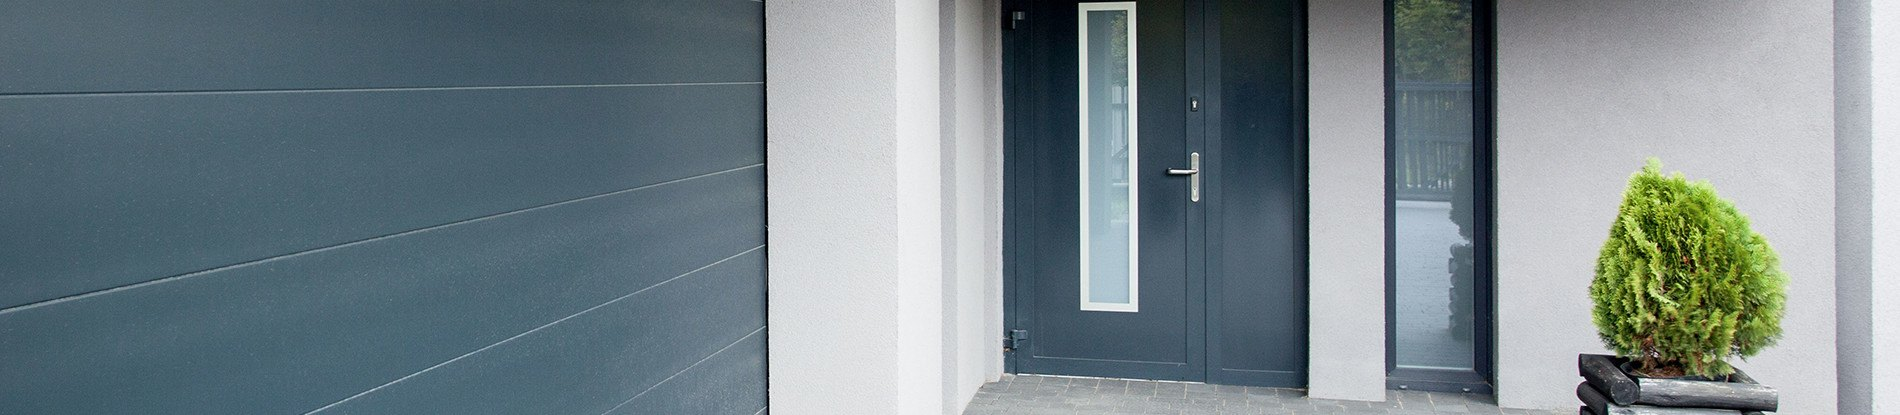 Haustür modern anthrazit  Haustür in Anthrazit und Grautönen der RAL-Farbpalette